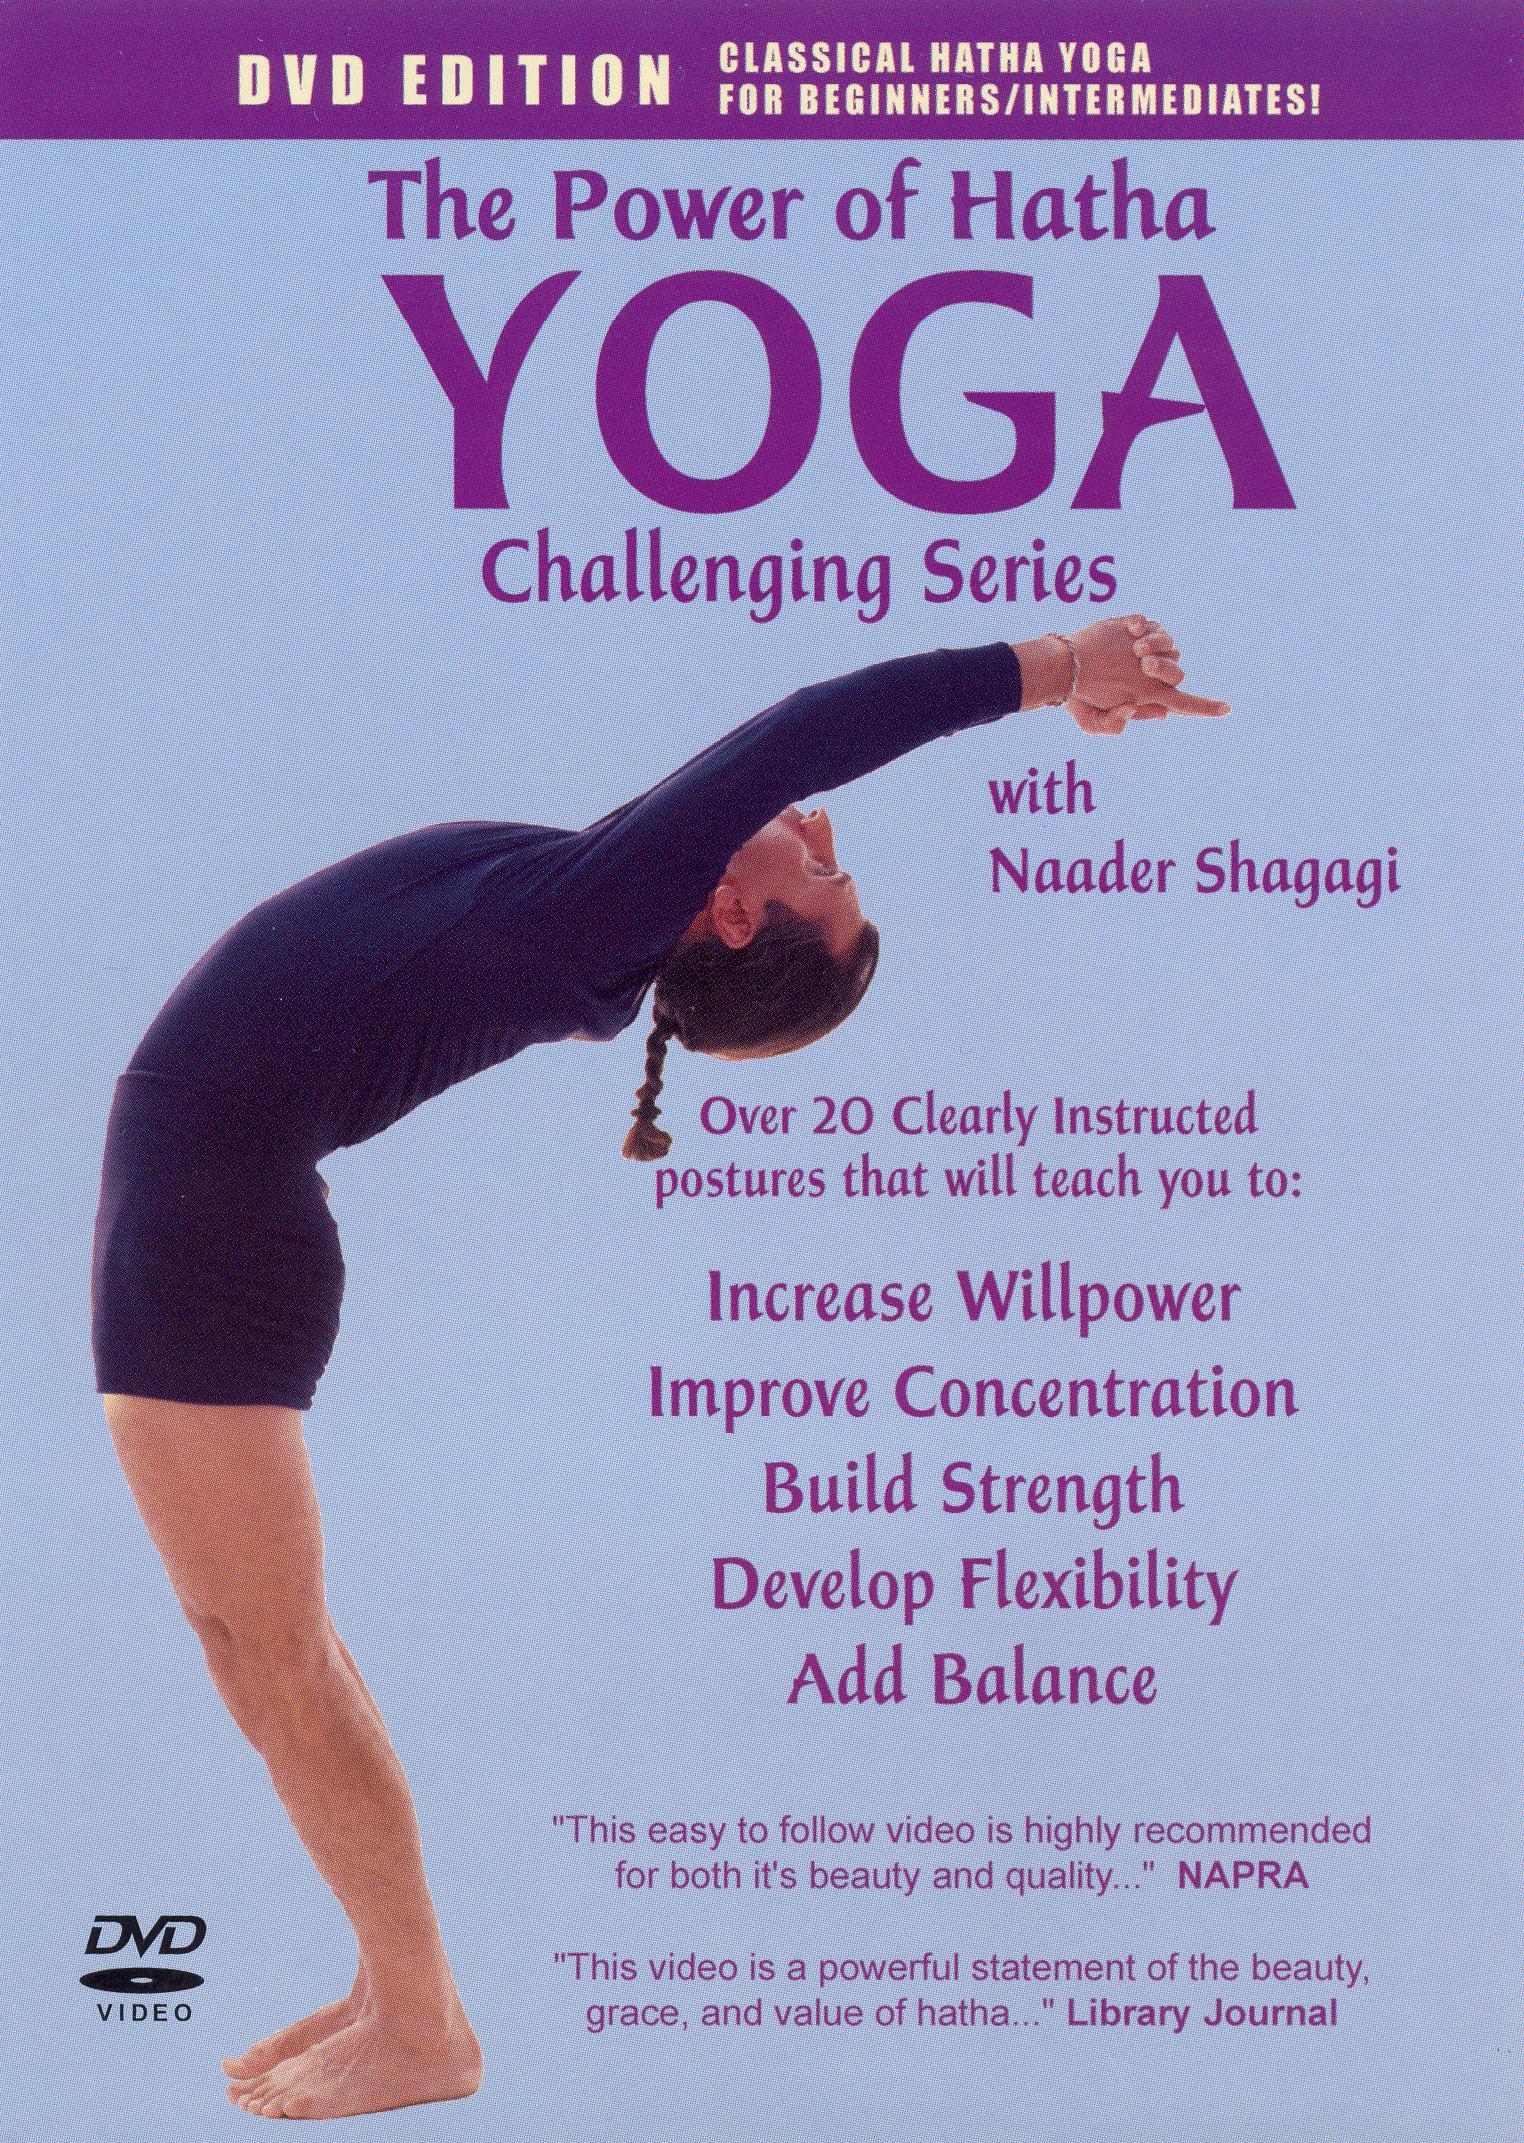 Power of Hatha: Yoga with Naader Shagagi